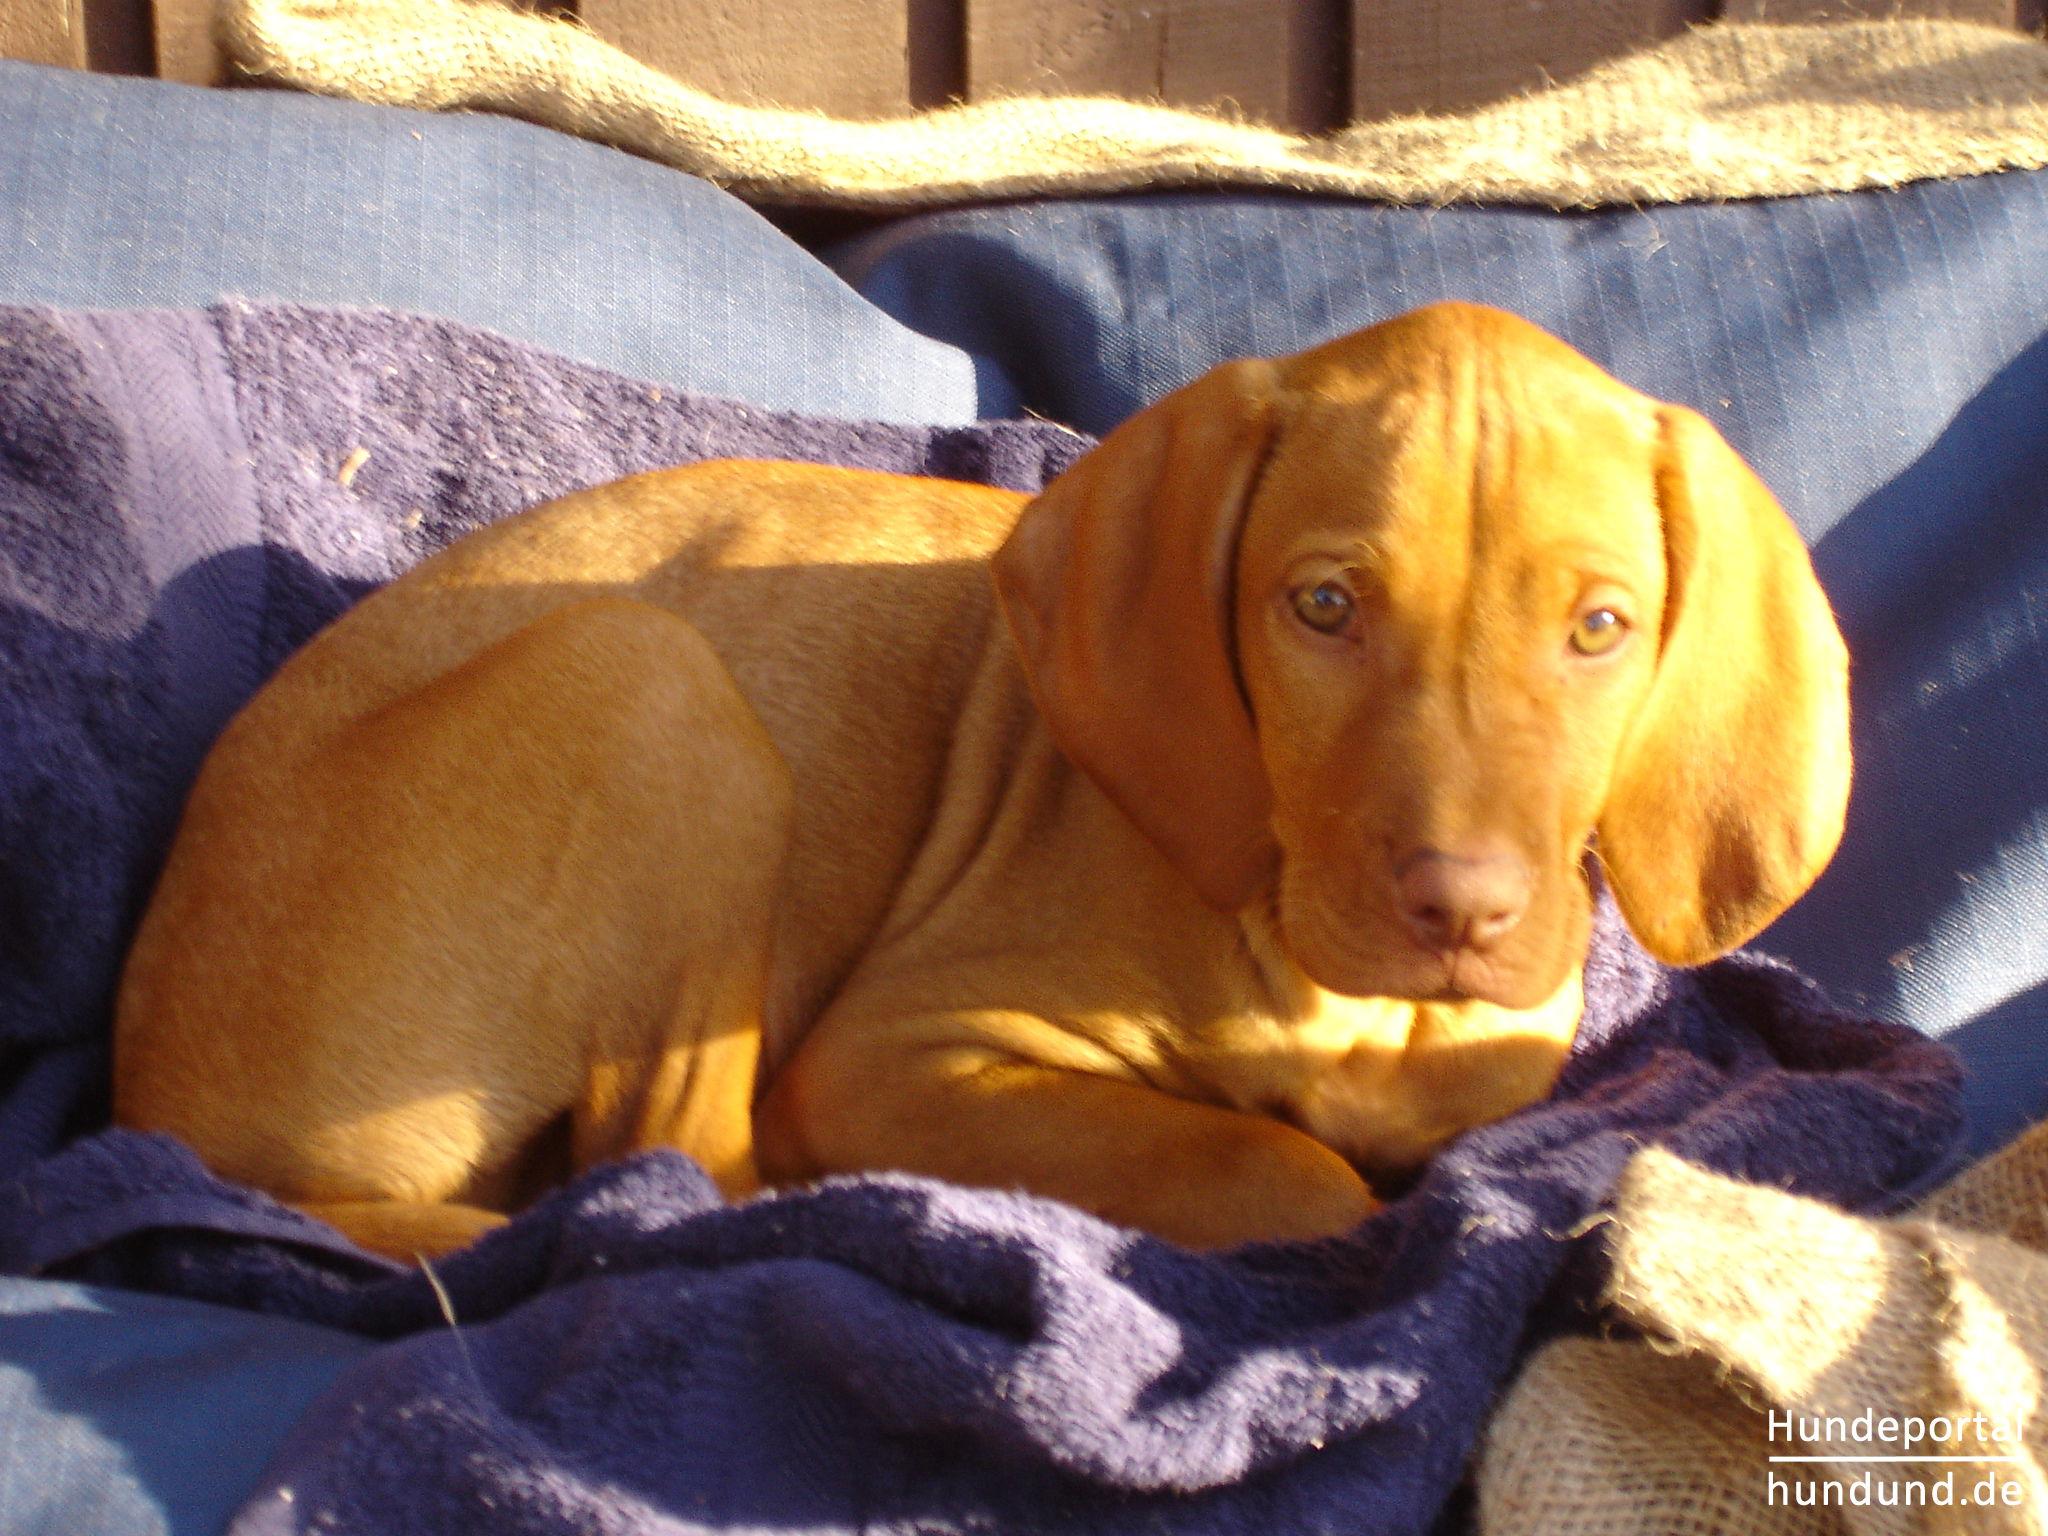 kurzhaariger ungarischer vorstehhund magyar vizsla foto 44898. Black Bedroom Furniture Sets. Home Design Ideas